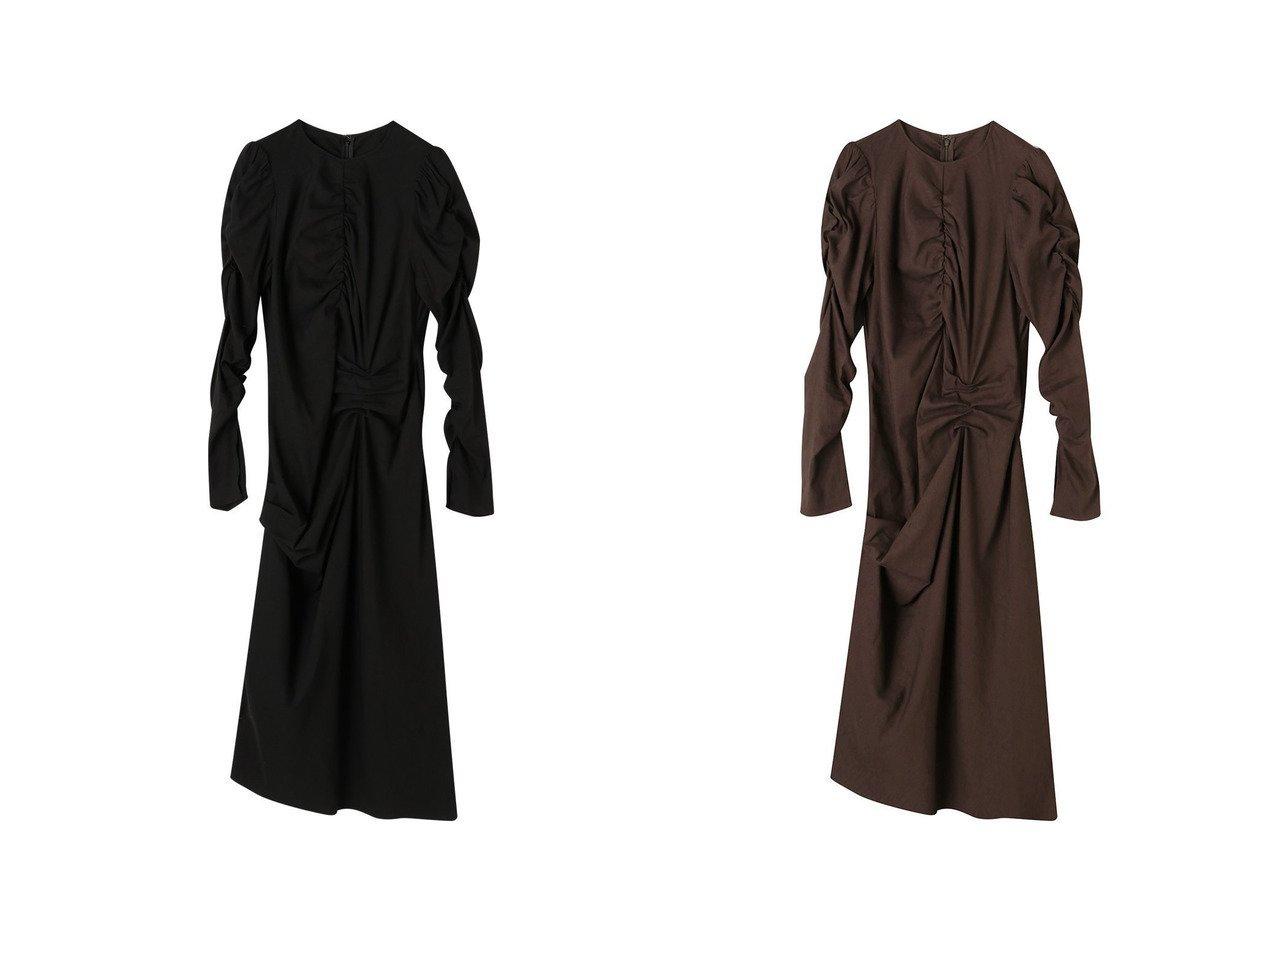 【ETRE TOKYO/エトレトウキョウ】のデザインギャザーIラインワンピース 【ワンピース・ドレス】おすすめ!人気、トレンド・レディースファッションの通販  おすすめファッション通販アイテム インテリア・キッズ・メンズ・レディースファッション・服の通販 founy(ファニー)  ファッション Fashion レディースファッション WOMEN ワンピース Dress 2021年 2021 2021春夏・S/S SS/Spring/Summer/2021 S/S・春夏 SS・Spring/Summer おすすめ Recommend なめらか ギャザー コンパクト ストレッチ スリット フェミニン ロング 春 Spring ブラック系 Black ブラウン系 Brown |ID:crp329100000027497